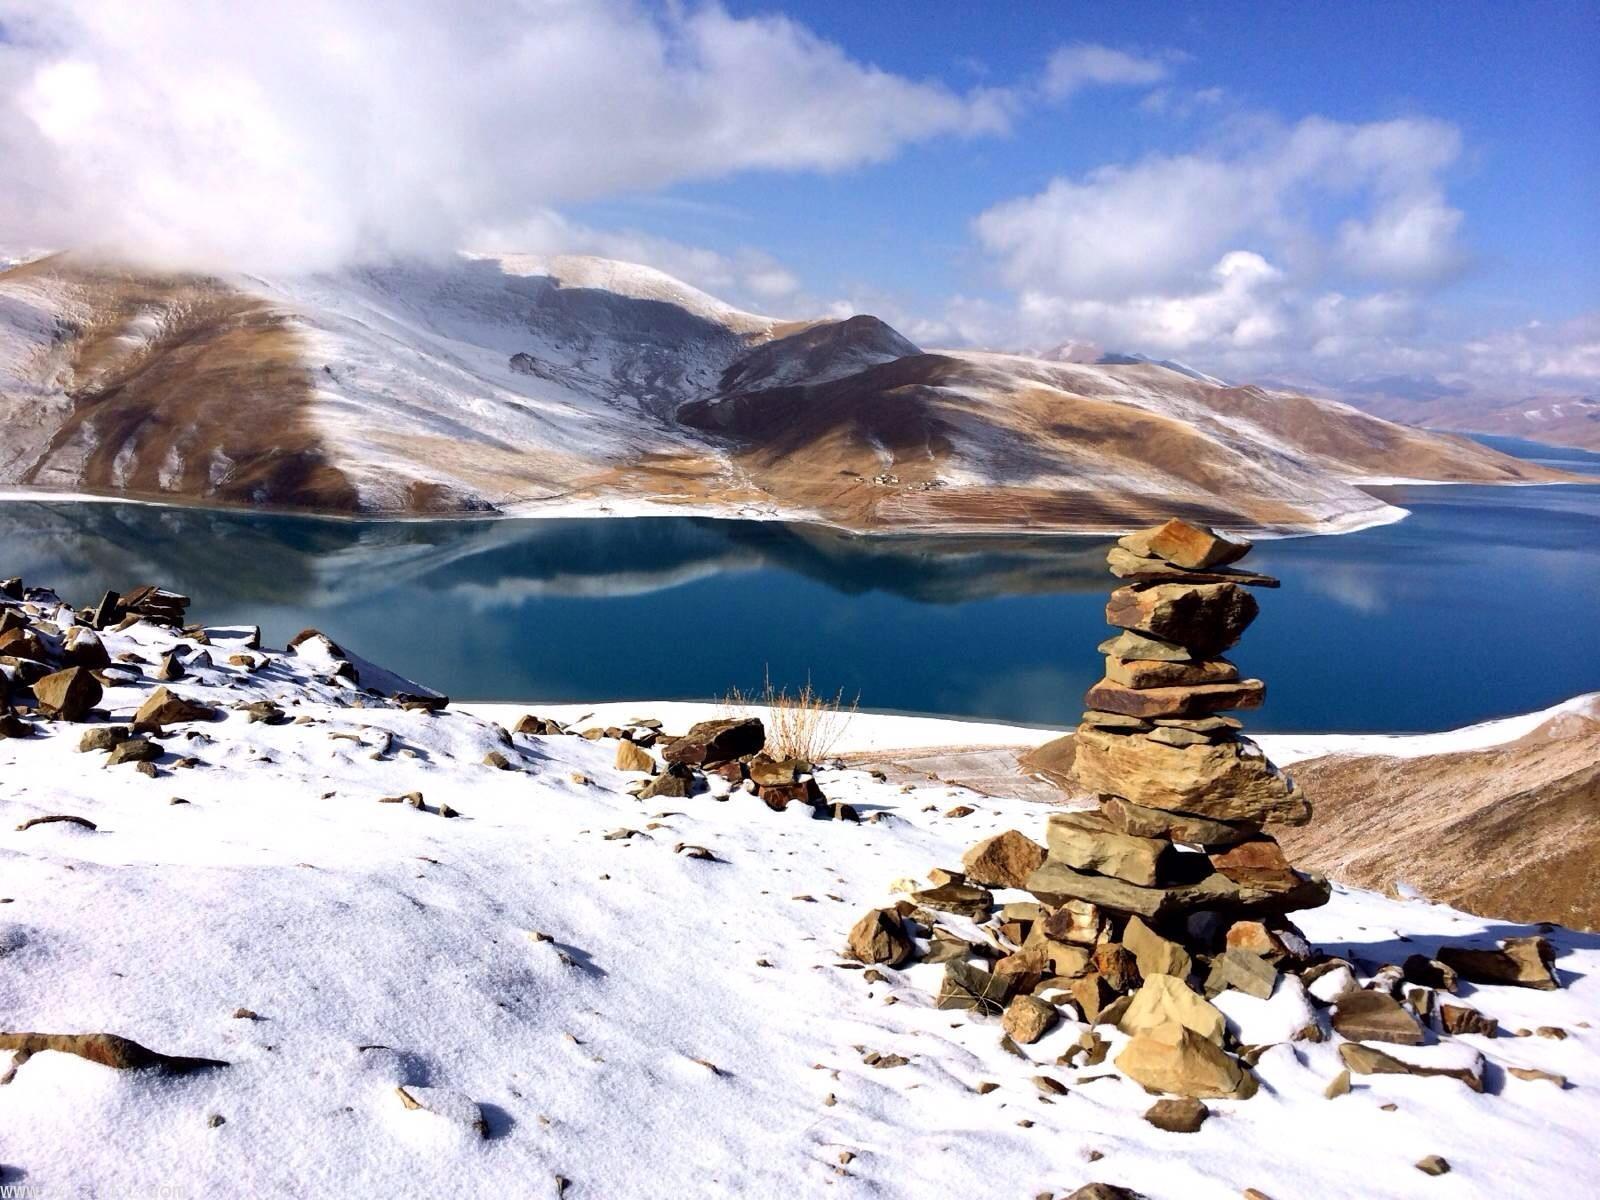 滇藏线9天8日波密林芝拉萨羊湖纳木错纯玩游